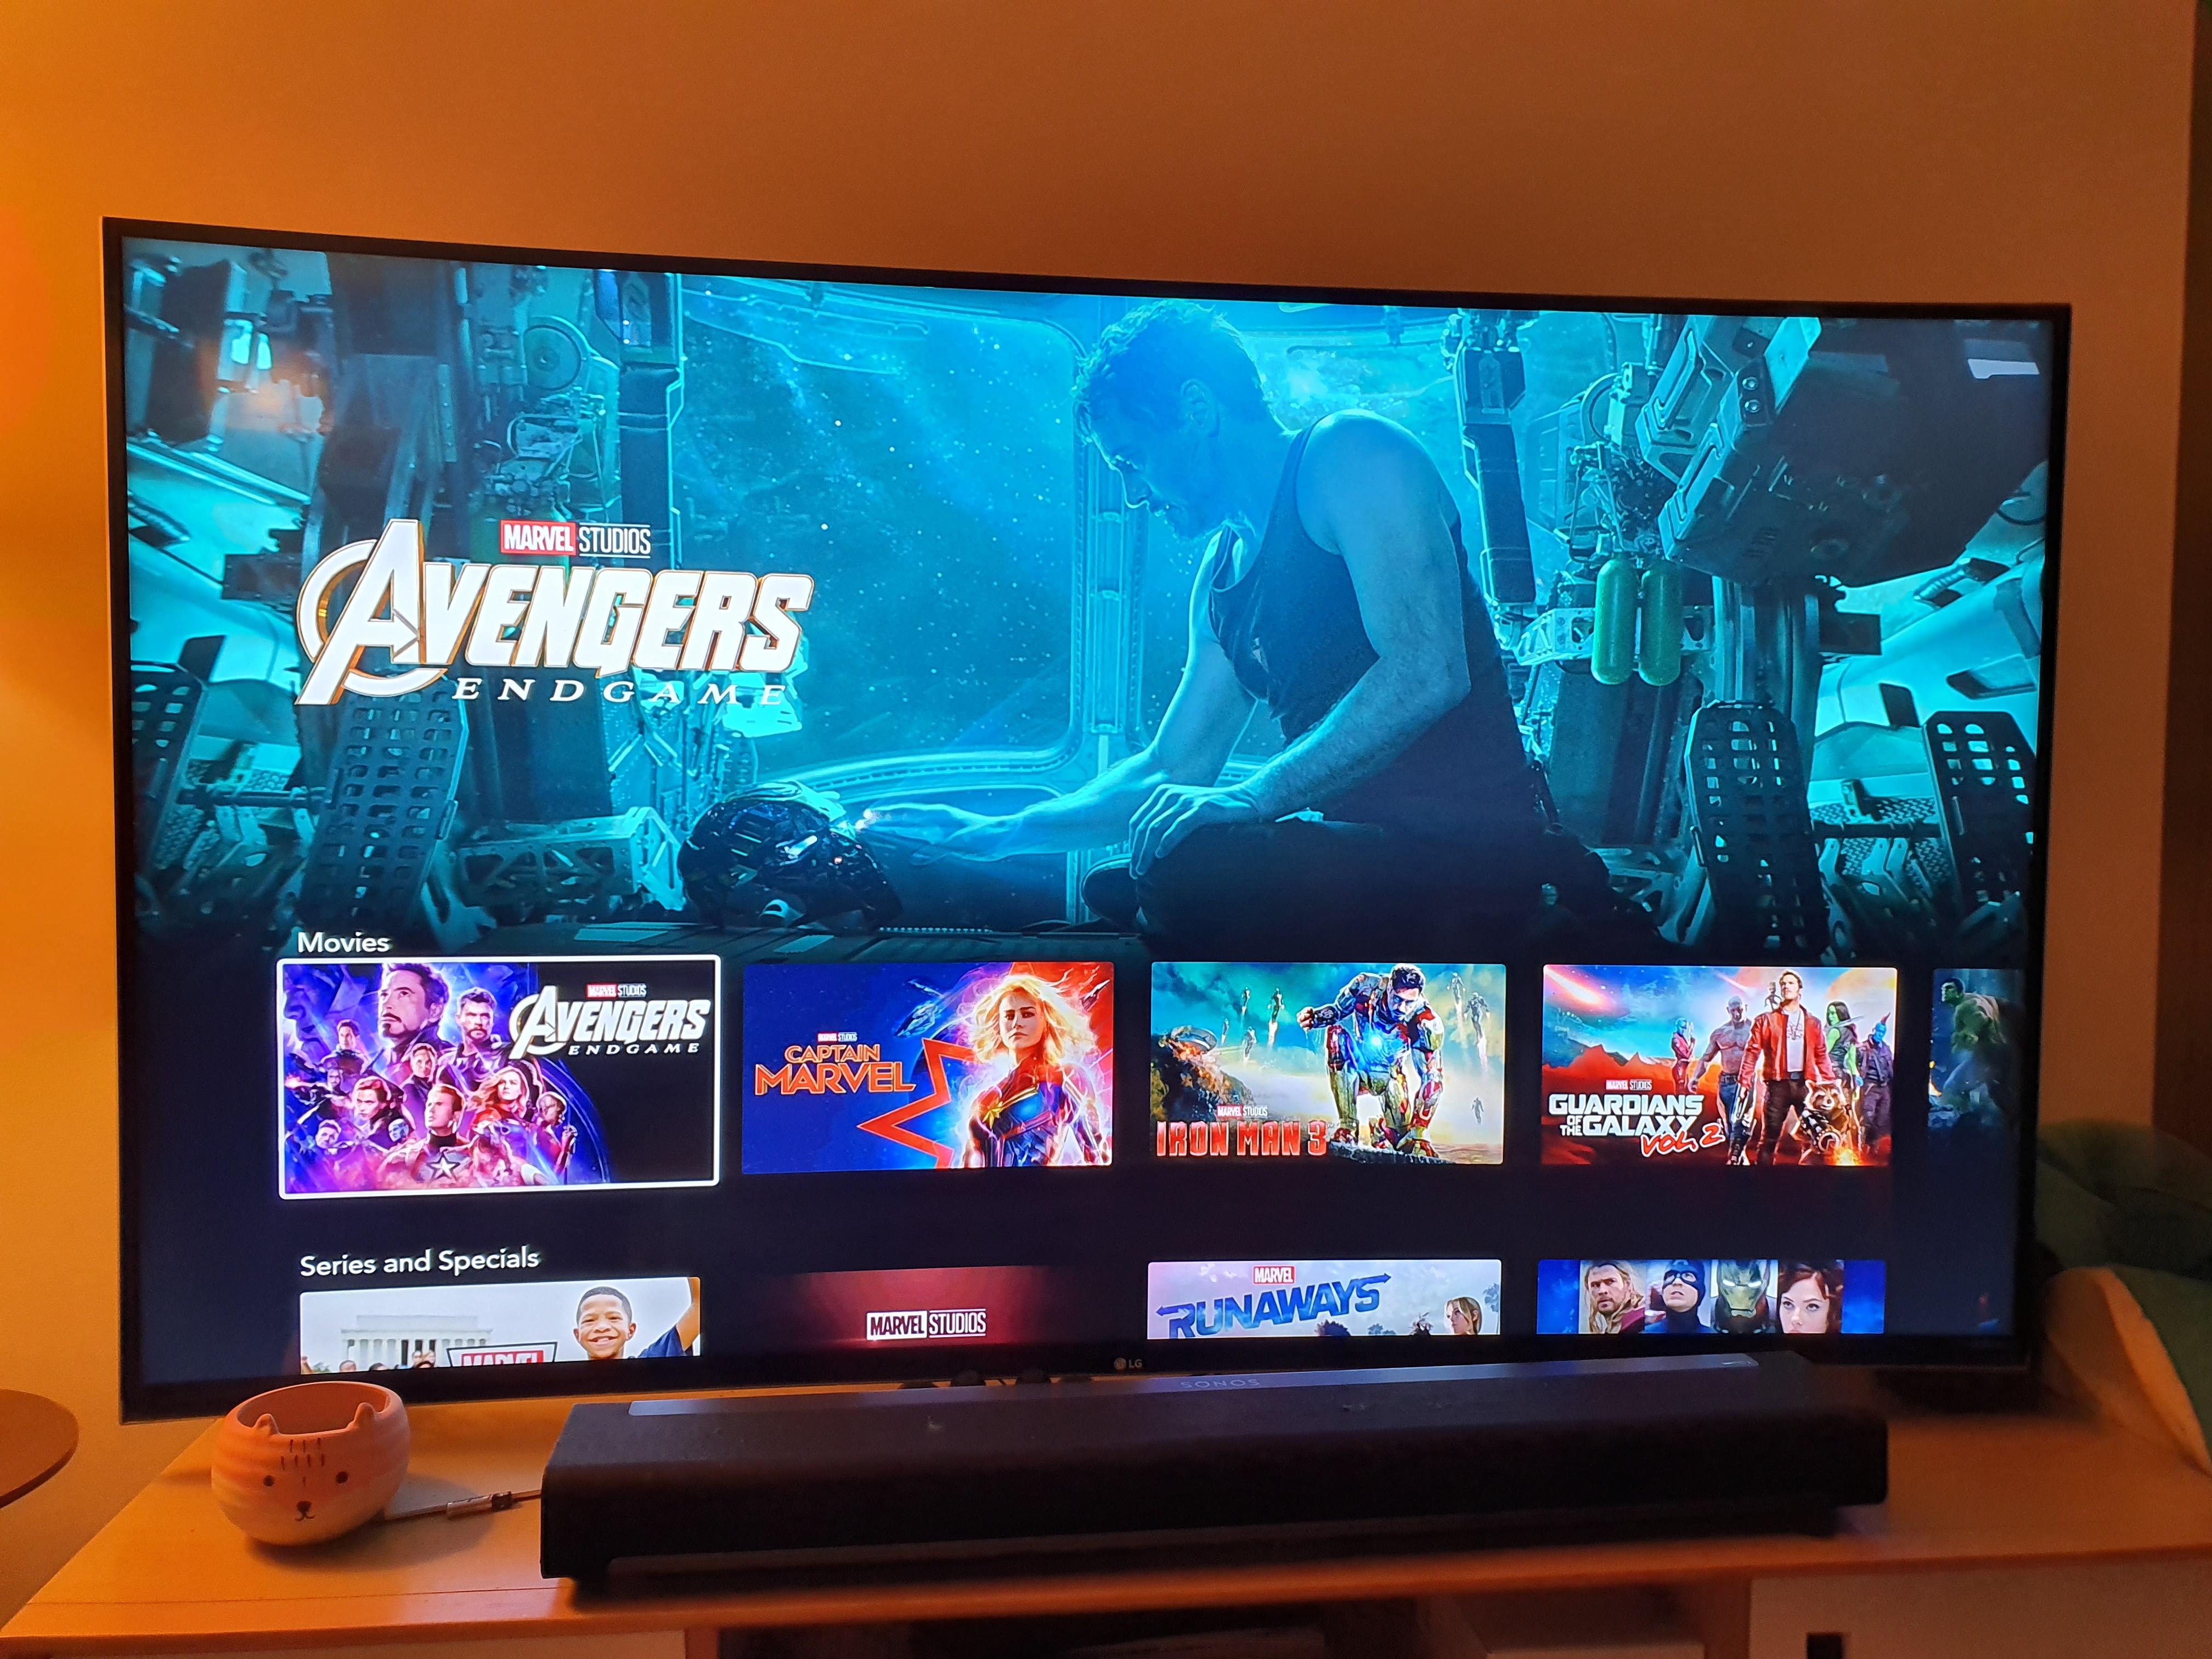 Disney+ sur Android TV, une Shield TV (2017)